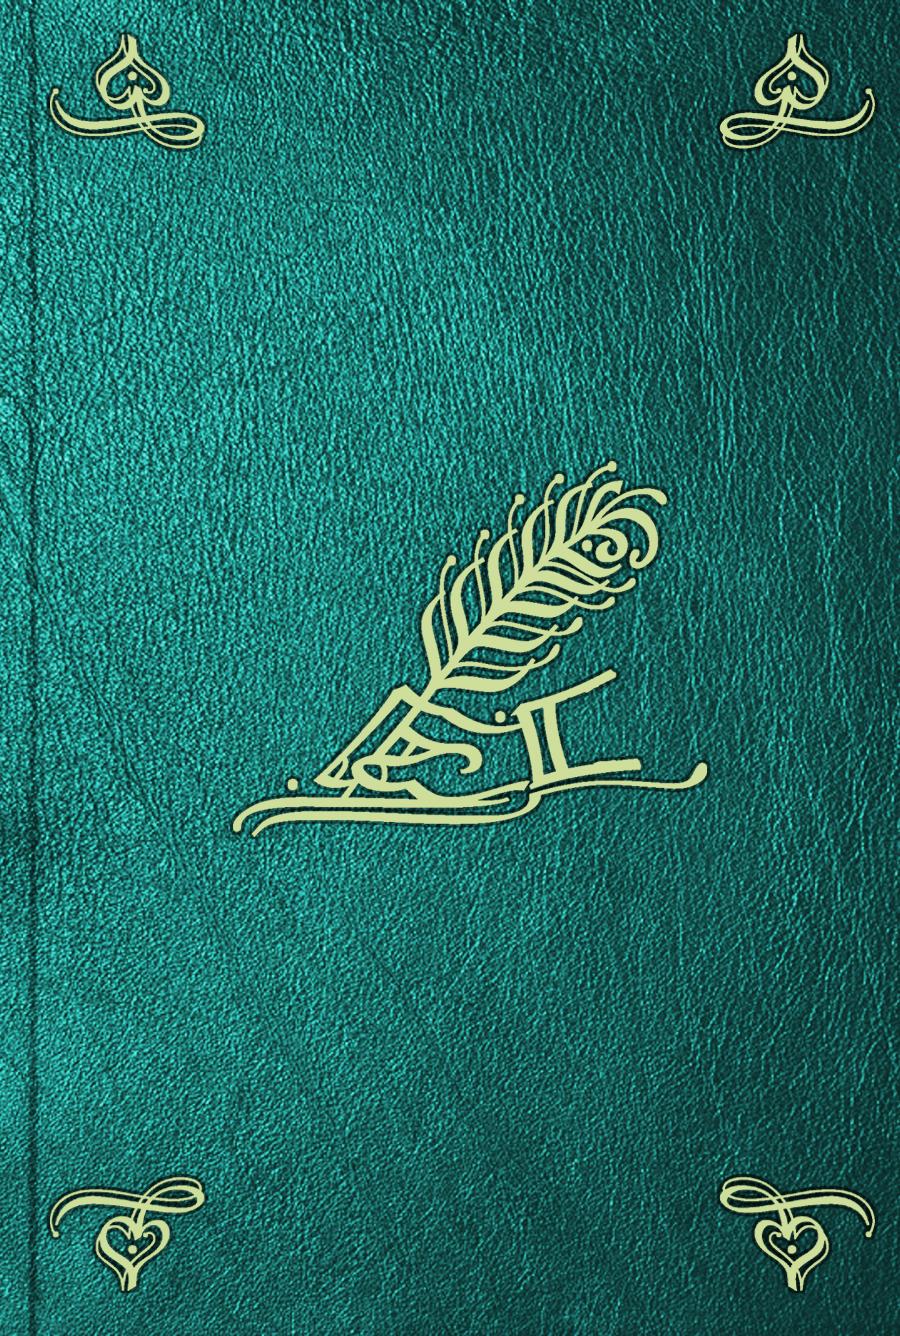 le duc Aiguillon Memoires memoires secrets sur la russie et particulierement sur la fin du regne de catherine ii et le commencement de celui de paul i volume 1 french edition